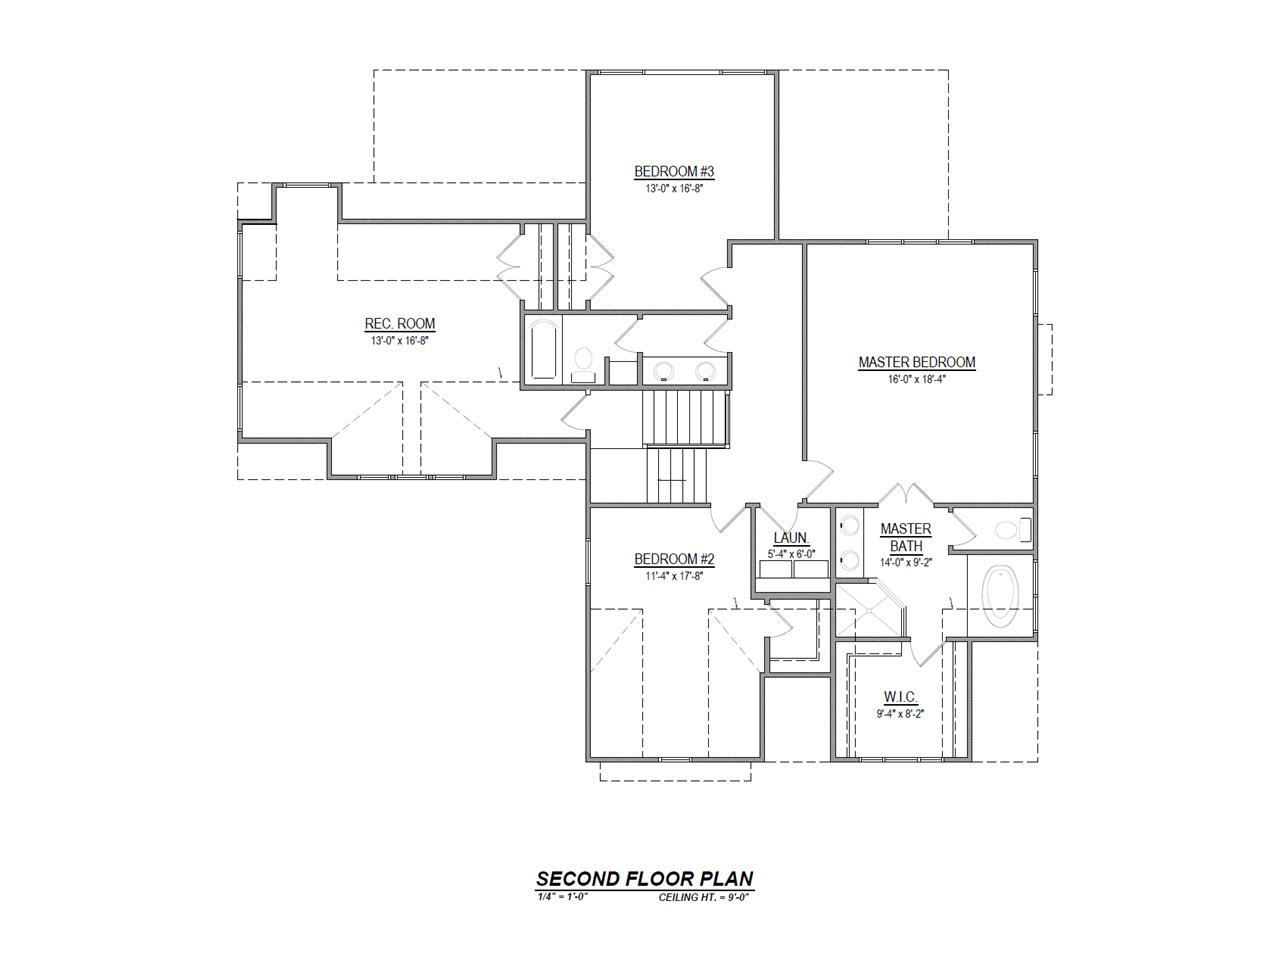 lot 53 second floor plan.jpg